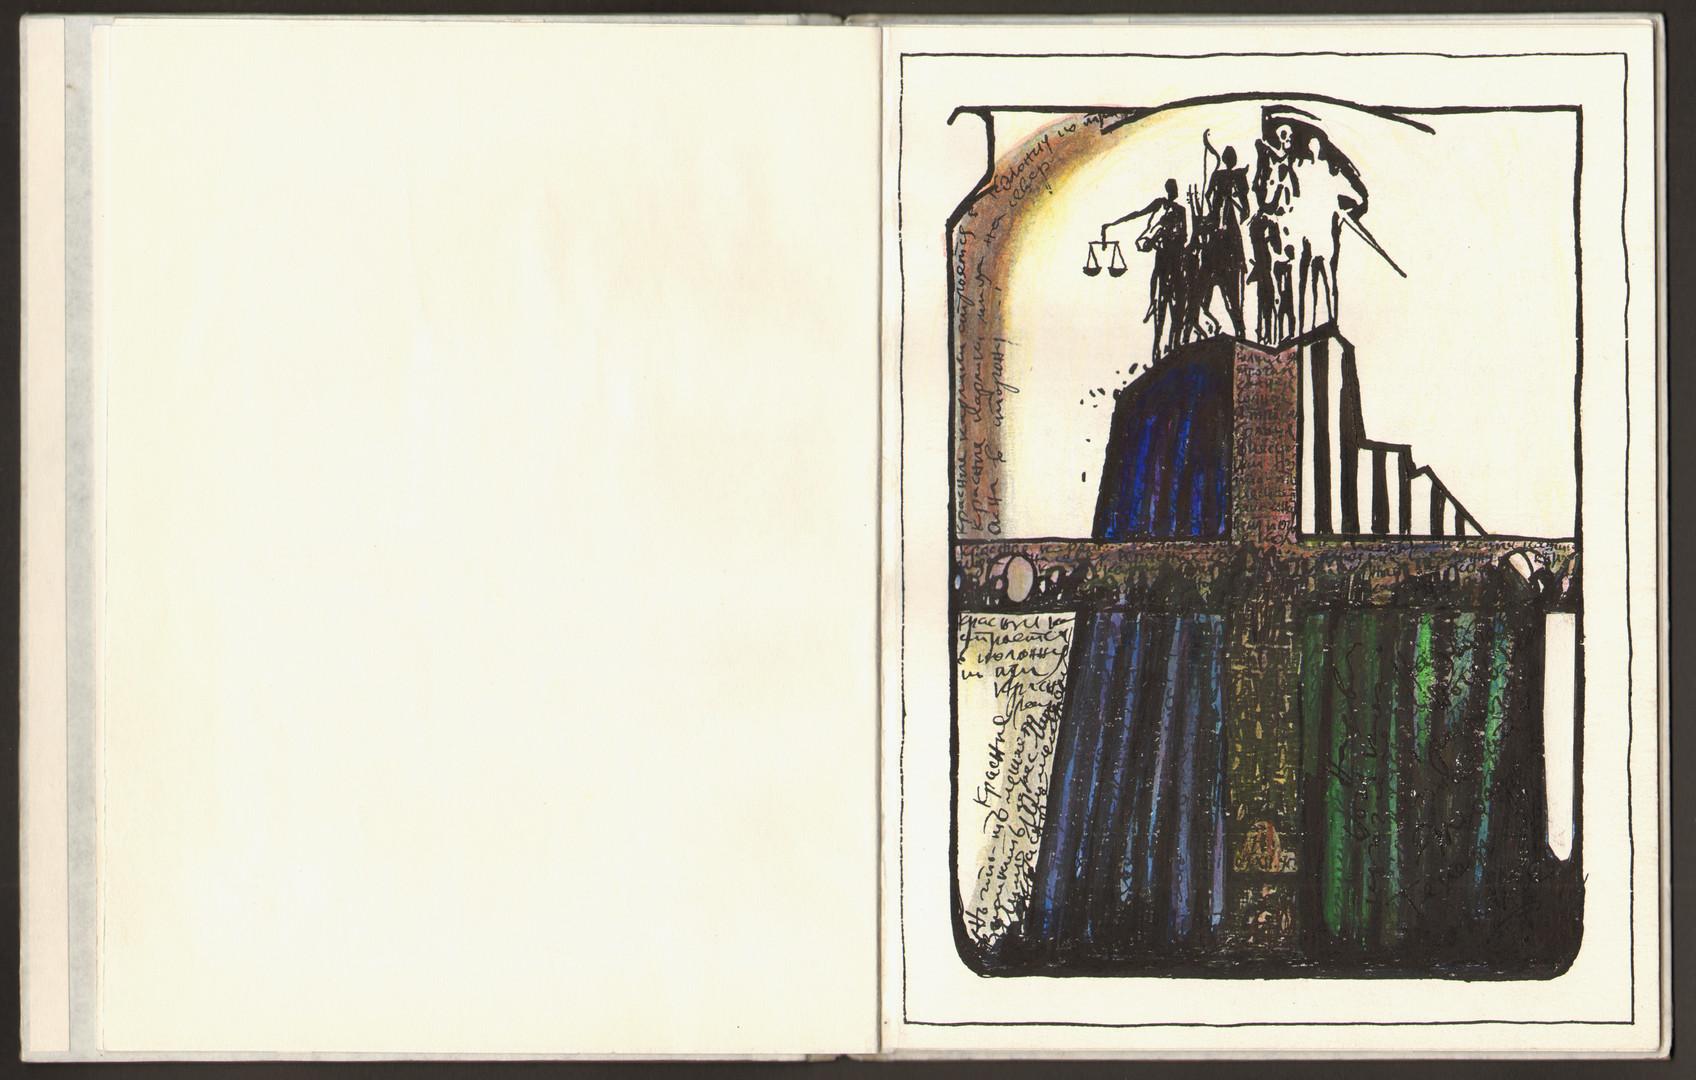 1990 Красные карлики, см.техника, 33,8х21,5 см, Разворот 1, экэ. №1-3